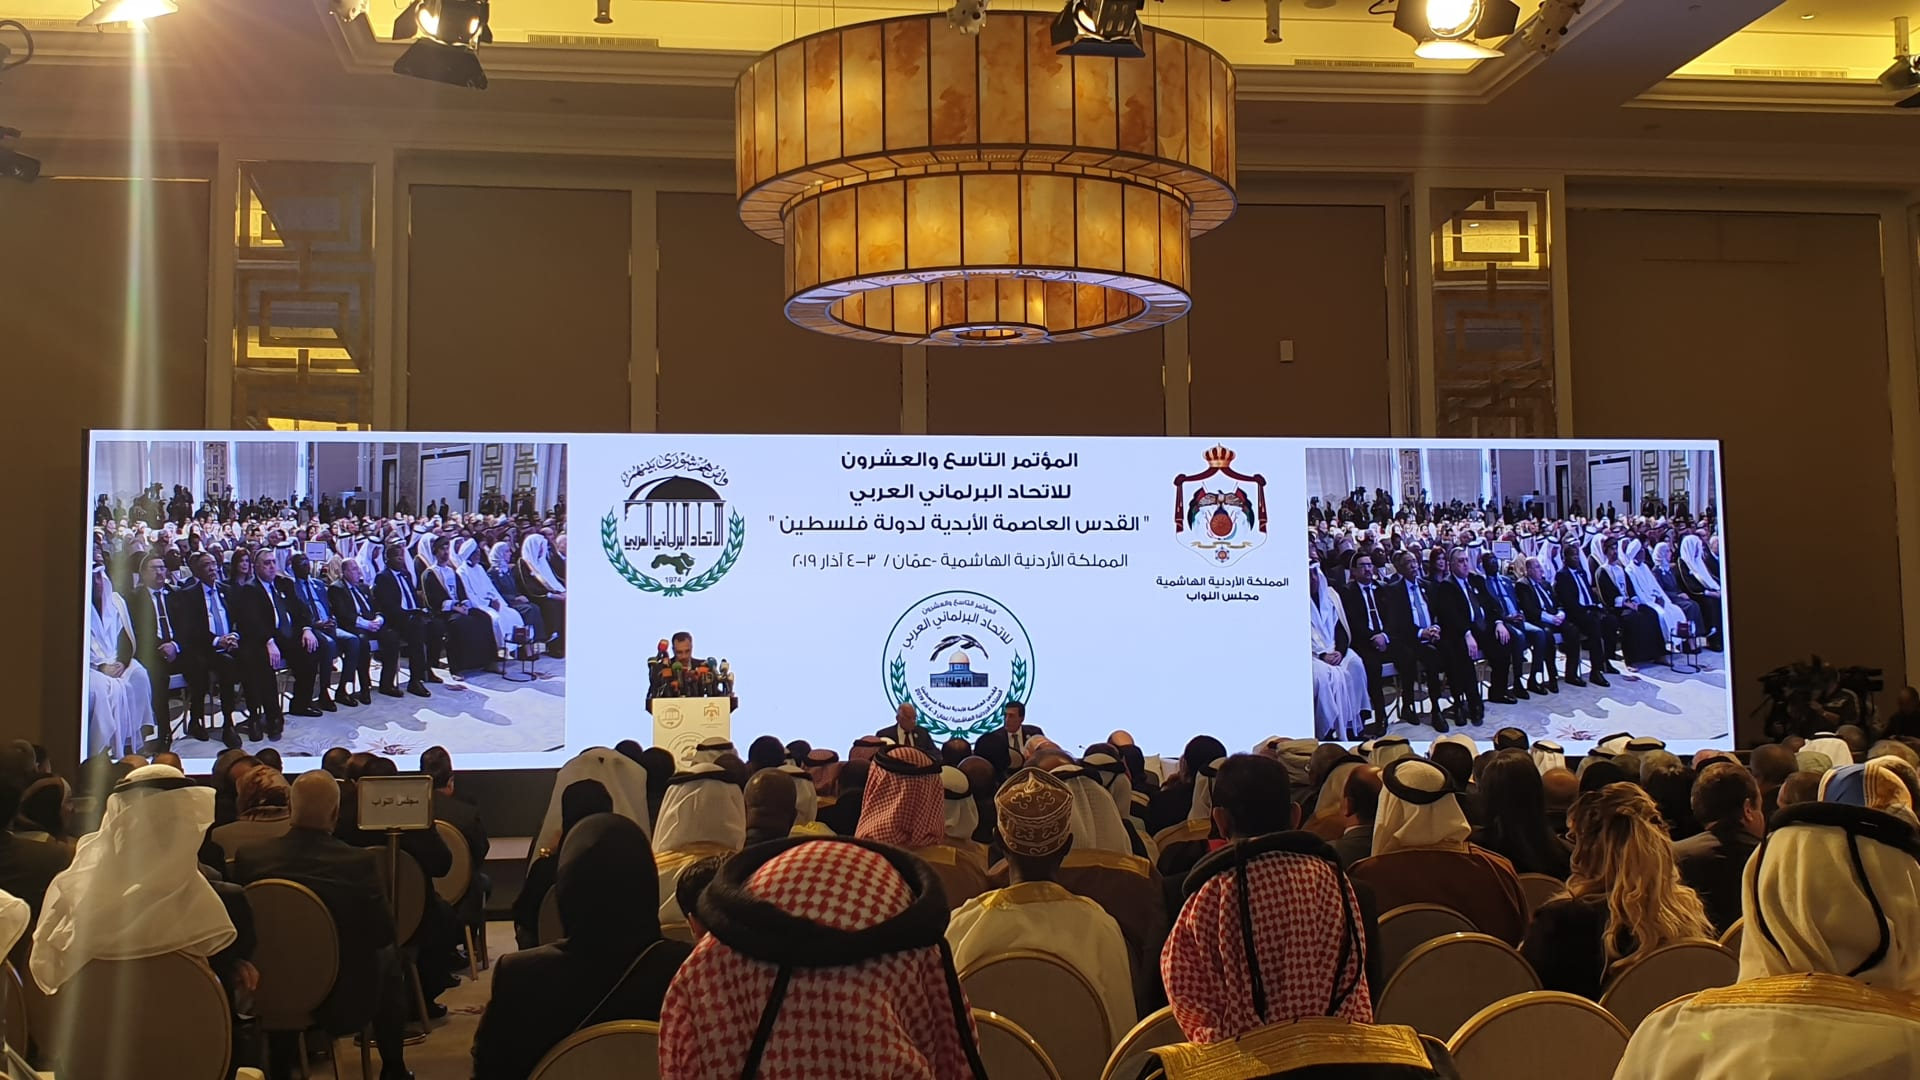 تفاصيل الجدل الذي شهده مؤتمر البرلمانات العربية حول التطبيع مع إسرائيل